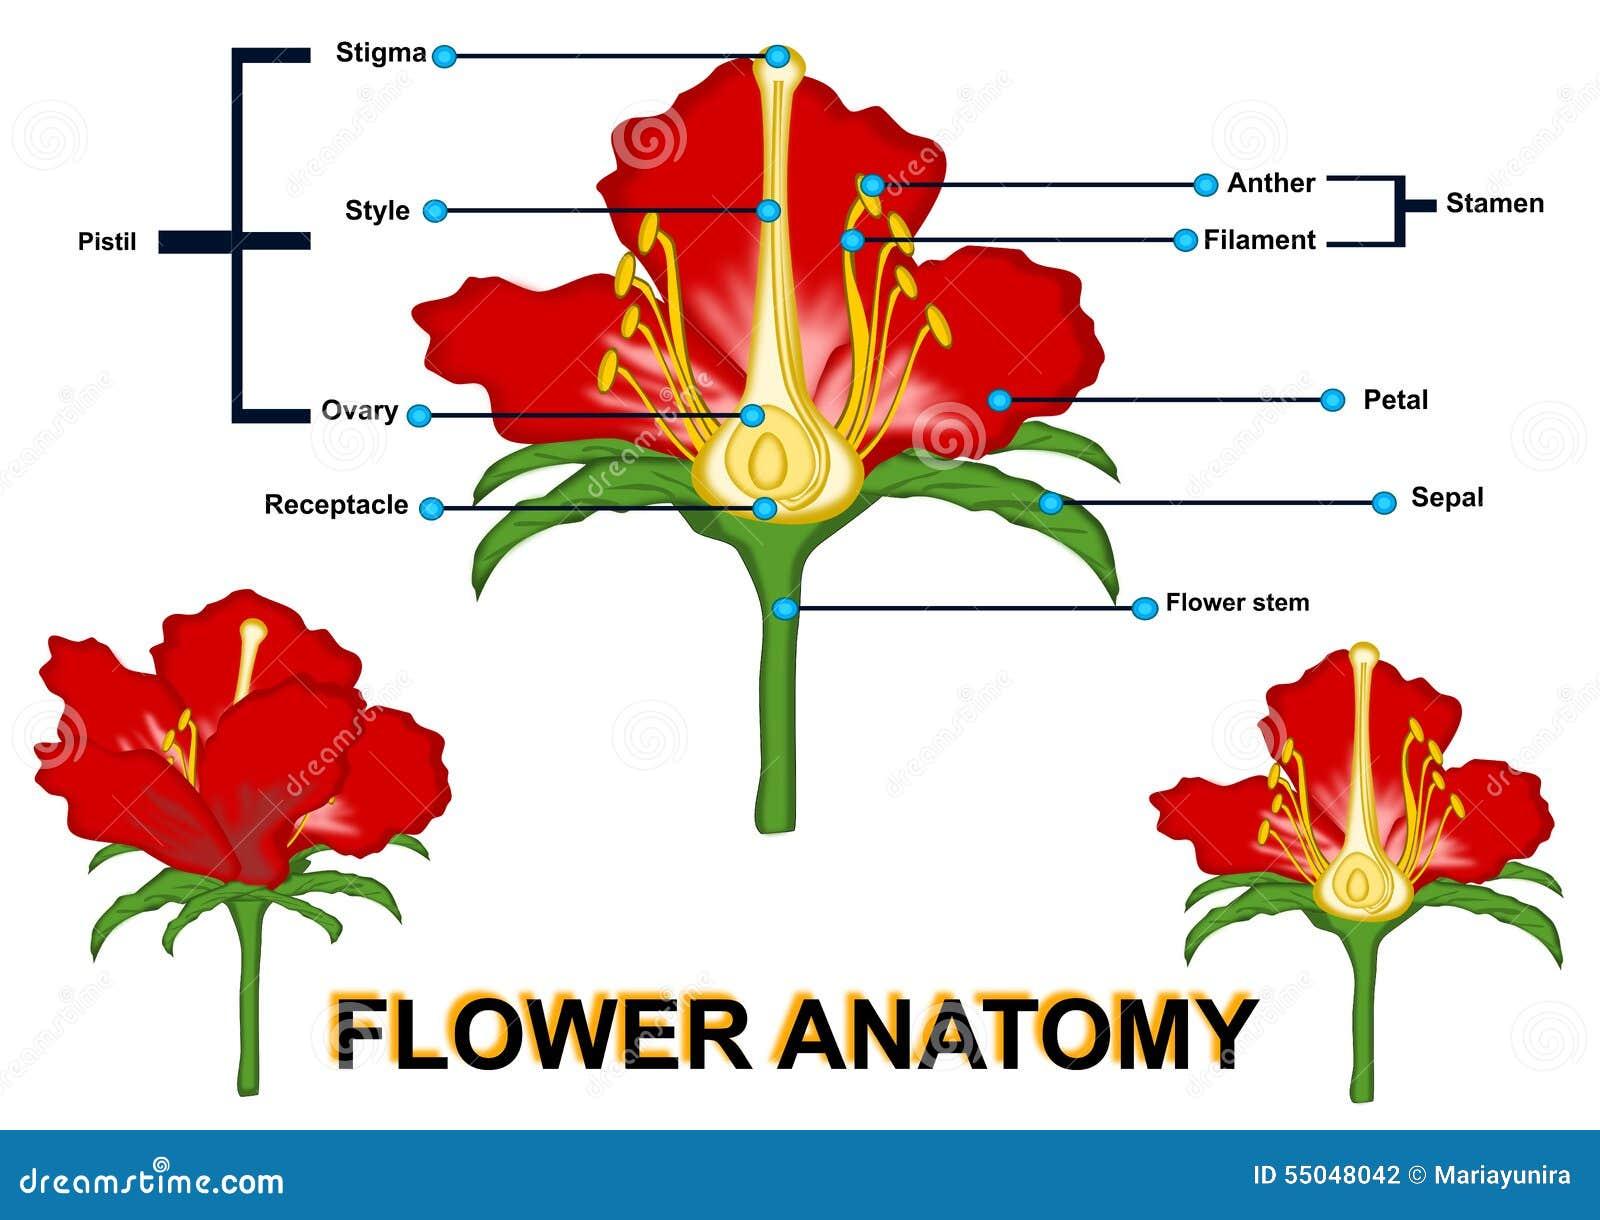 Berühmt Die Anatomie Einer Blume Fotos - Menschliche Anatomie Bilder ...